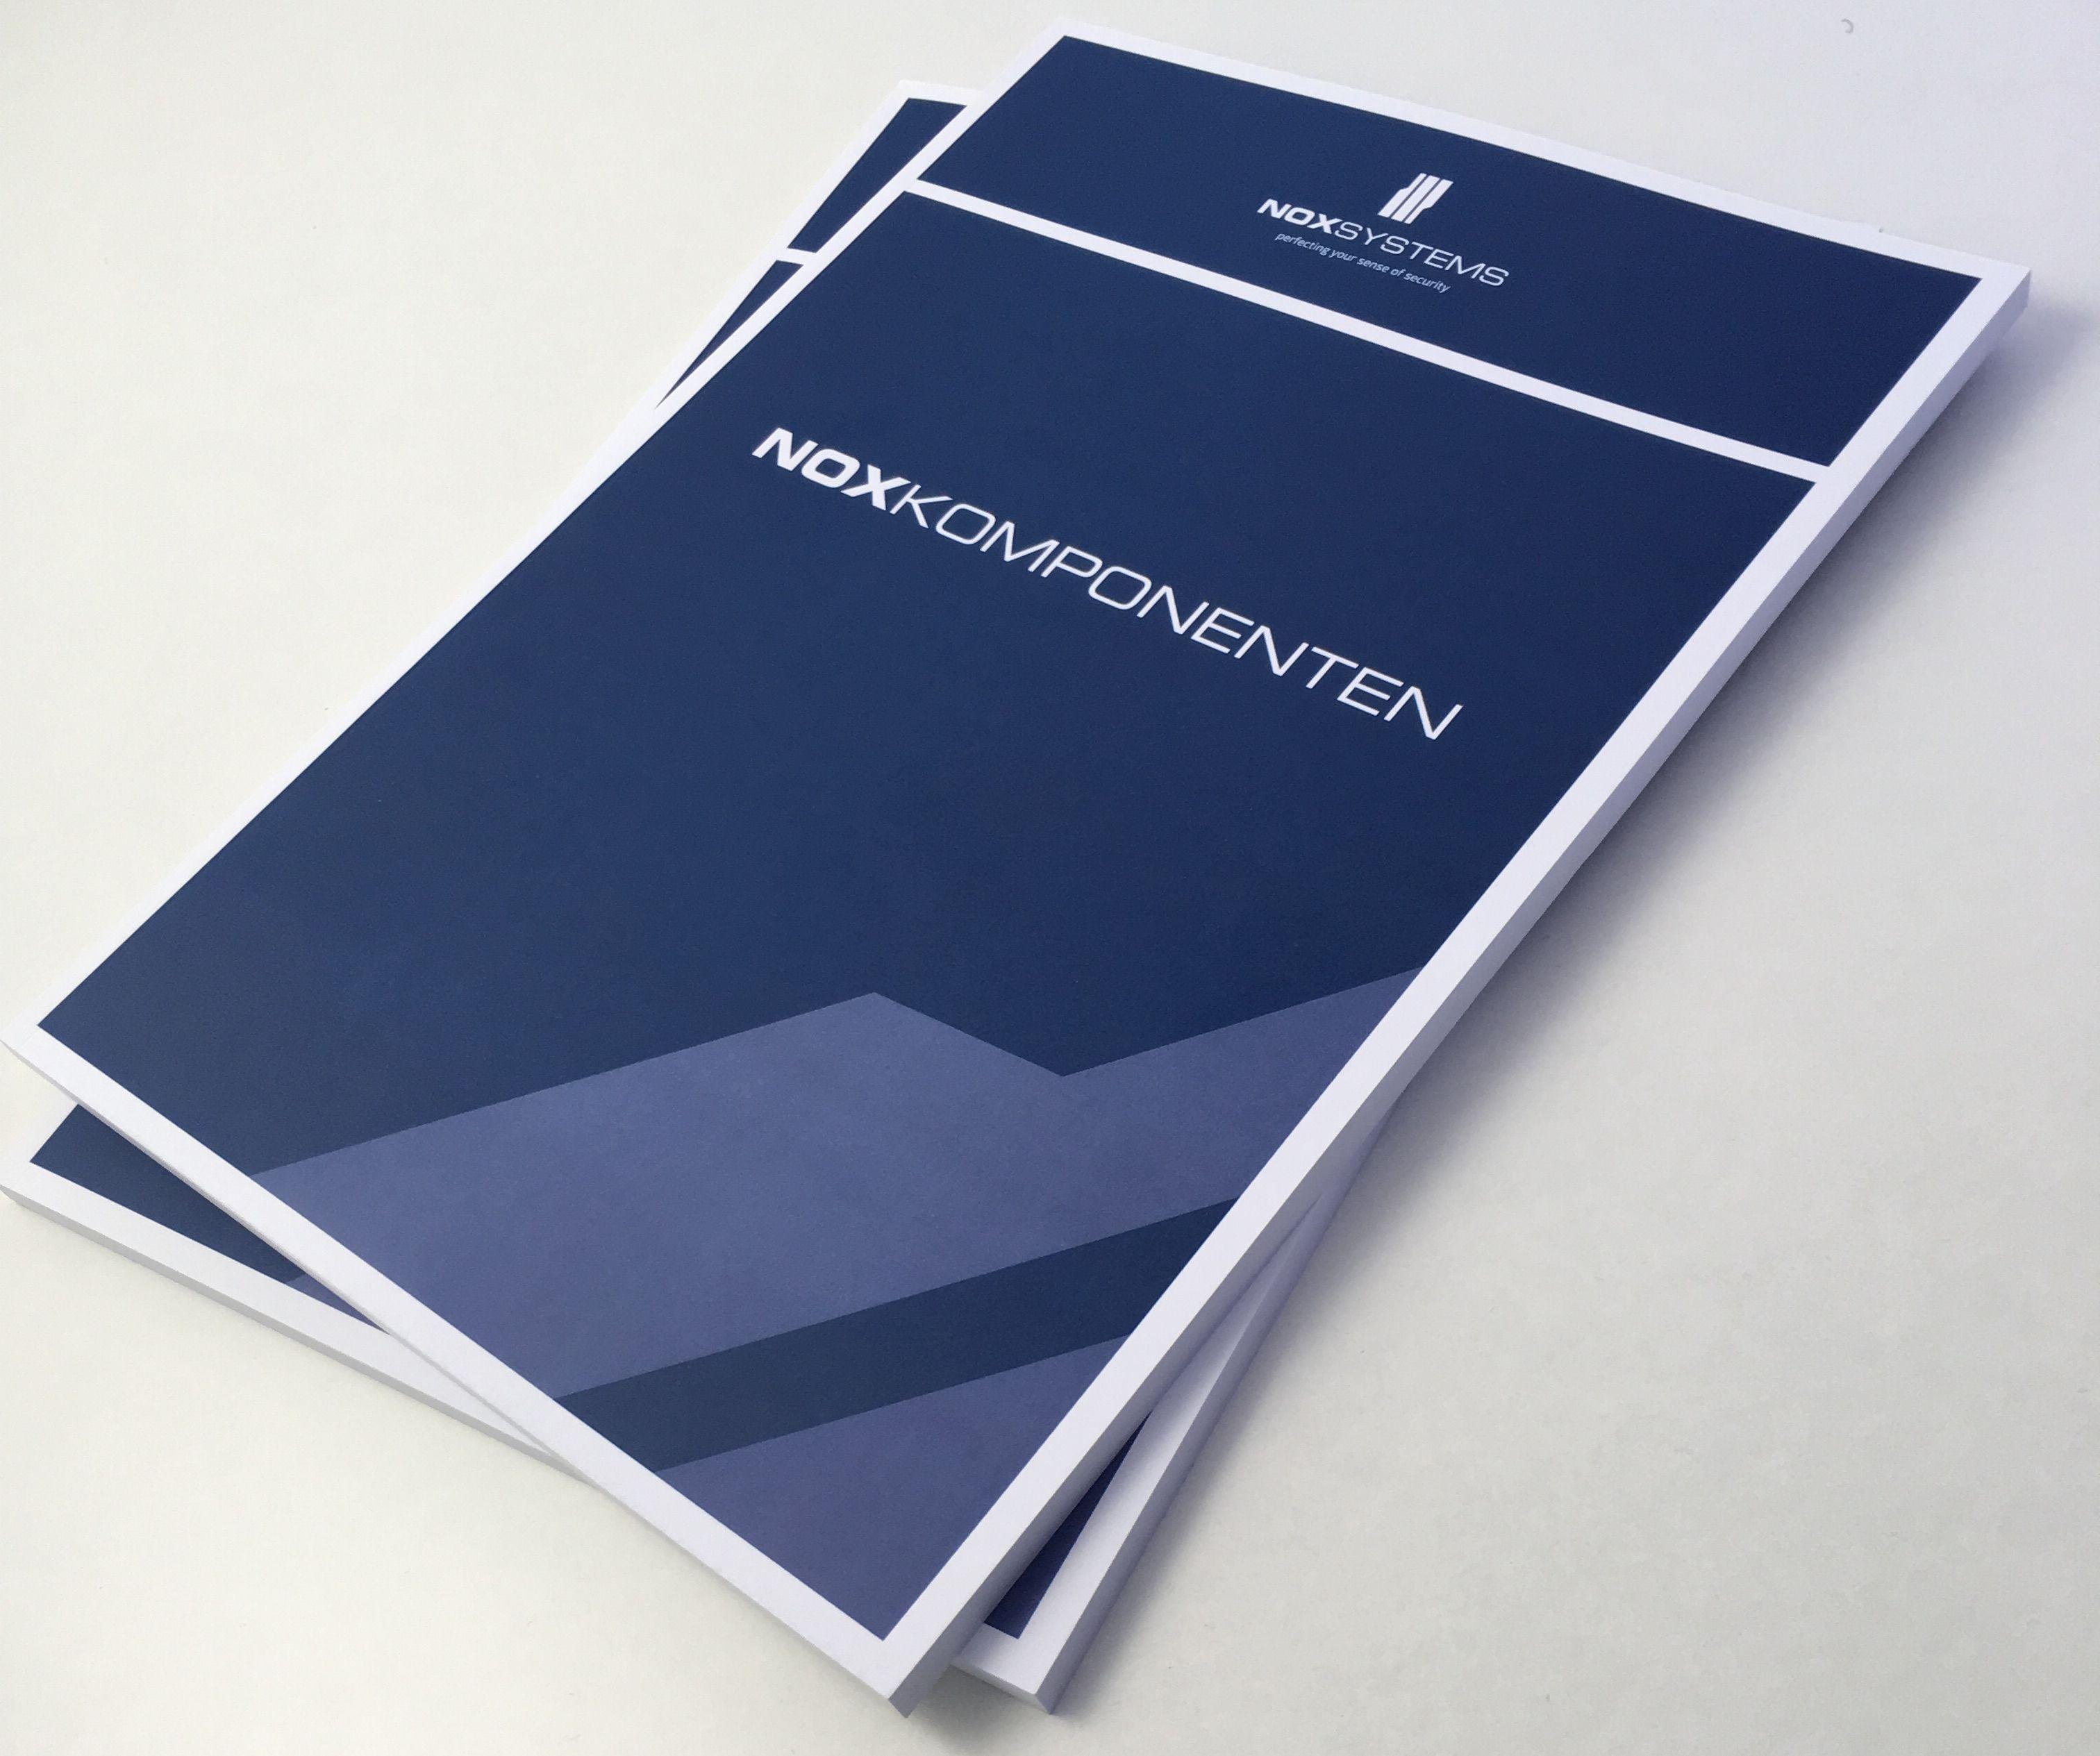 NOX Compontent overview